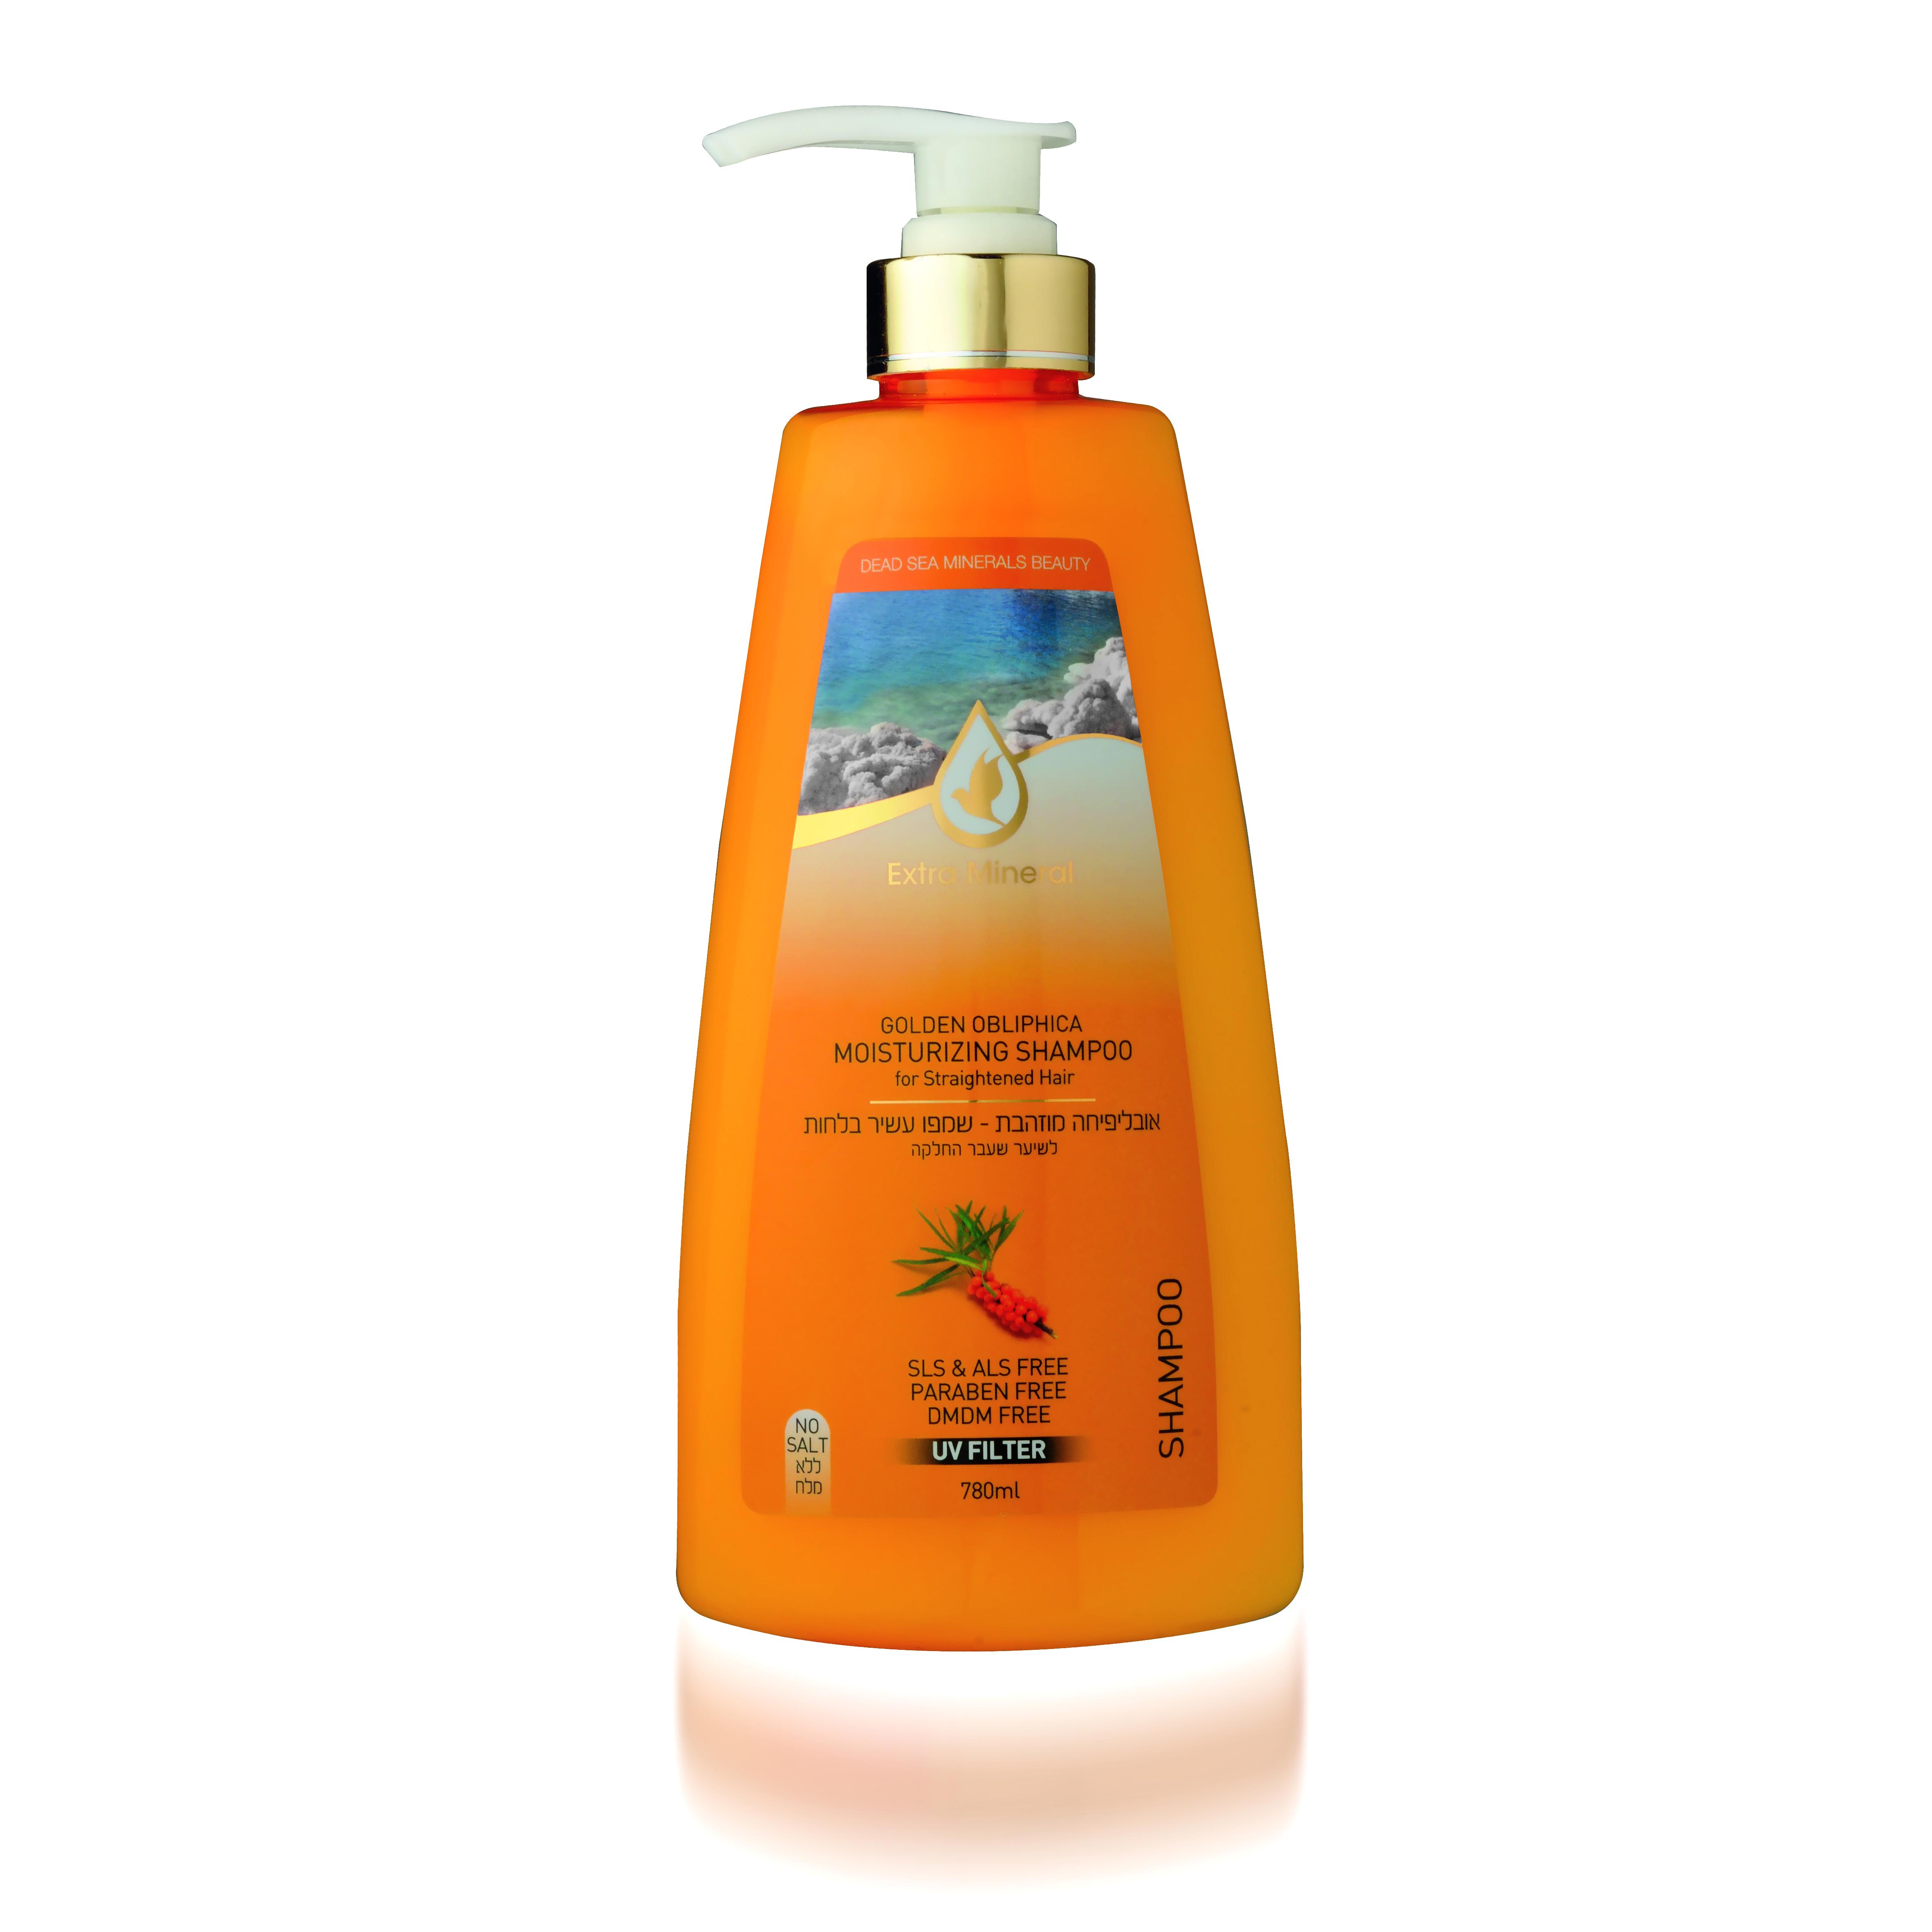 Extra Mineral Увлажняющий шампунь с облепихой для всех типов волос 780 млEXM2006Шампунь Extra Mineral с золотой облепихой, увлажняющий, укрепляющий. Содержит масло облипихи, оливковое масло, витамин минералы Мертвого моря. В составе содержит UV-фильтр, который защищает волосы от ультра-фиолетовых лучей, очищает волосы от соли, хлора и песка, восстанавливает баланс кожи головы. Волшебное сочетание активных натуральных компонентов благотворно влияет на волосы и кожу головы, волосы увлажняются и питаются, становятся шелковистыми. Нежная легкая пена дает ощущение свежести. Вы сразу почувствуете, как волосы начинают дышать, а изысканный аромат облепихи не оставит вас равнодушным! Благодаря активному действию минералов Мертвого моря волосы насыщаются необходимыми минералами, волосы оздоравливается, улучшается их внешний вид; улучшается клеточный метаболизм кожи головы и лица, стимулируется синтез белка, повышается регенерация клеток. Минералы обладают сильными антиаллергенными свойствами и являются мощными антиоксидантами; повышается микроциркуляция крови, улучшается...